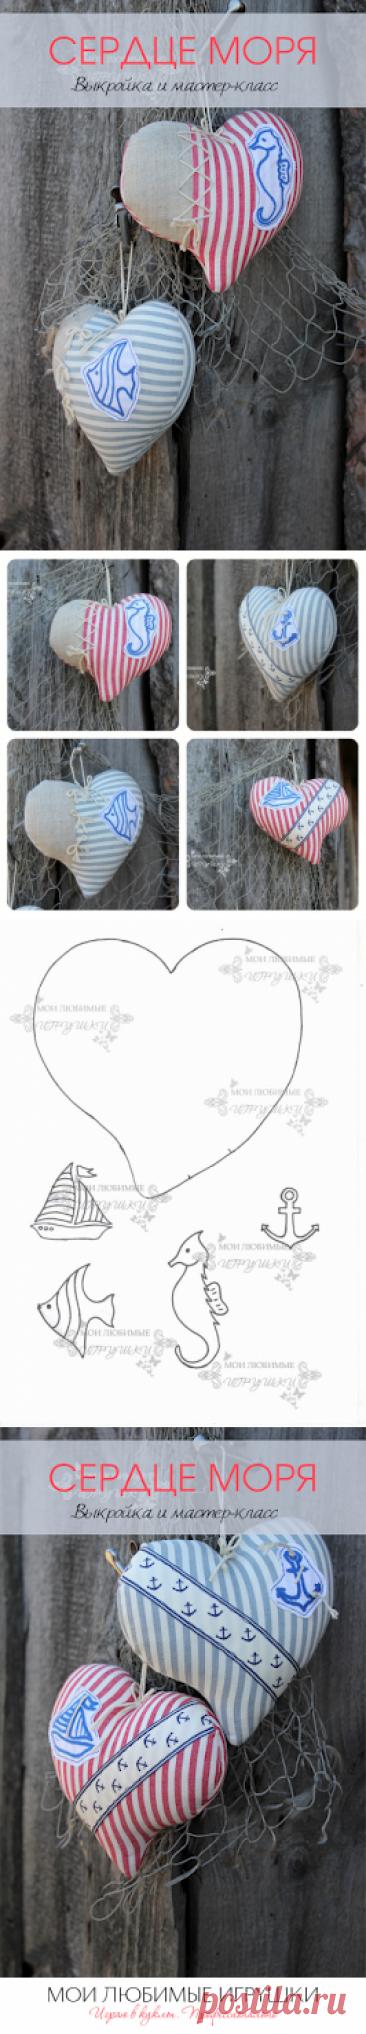 Мои любимые игрушки | Авторские куклы ручной работы Анны Балябиной:  Декоративные подвески Сердце моря. Выкройка и мастер-класс.